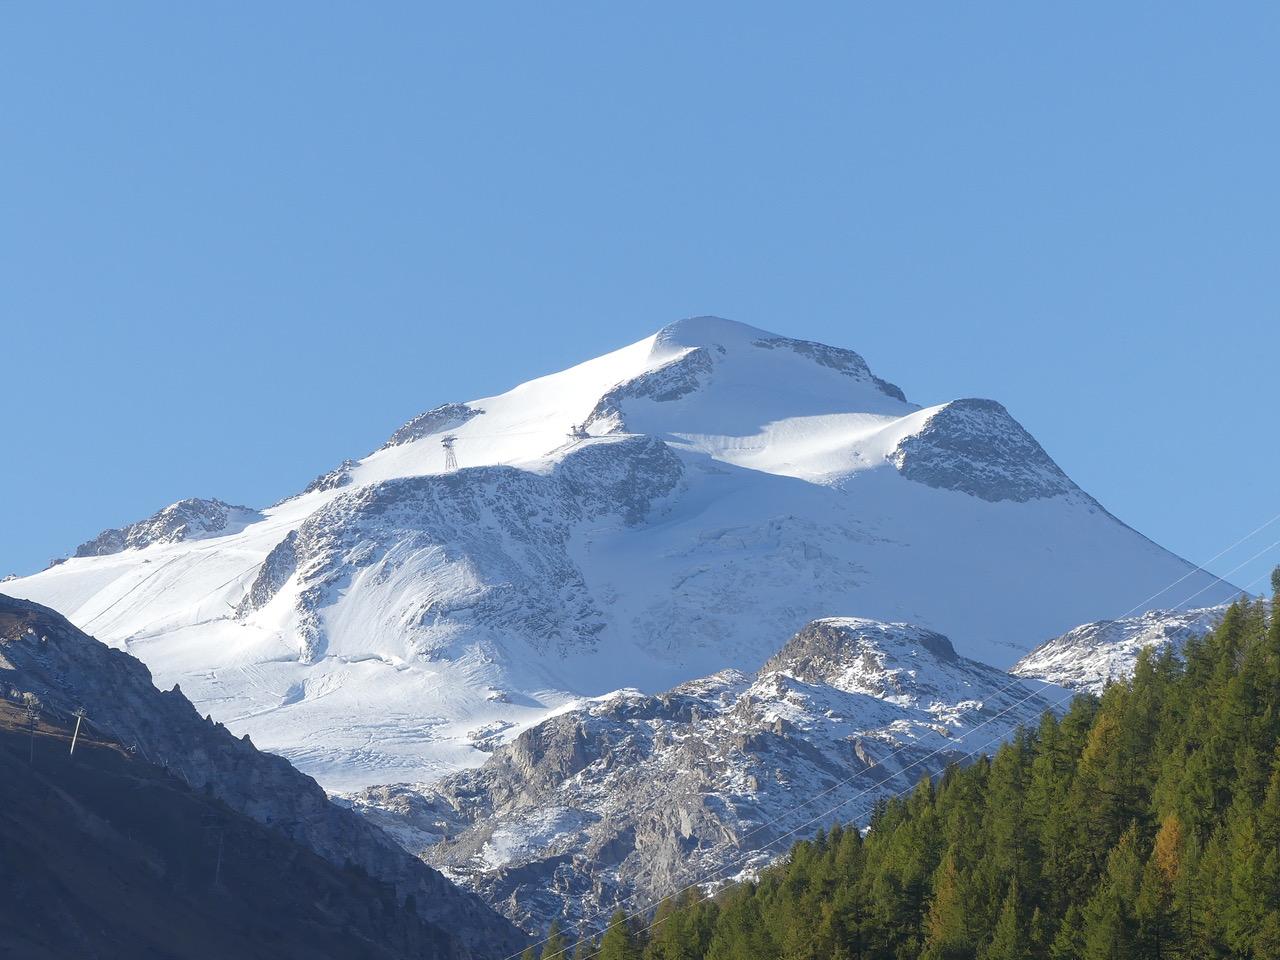 Val d'Isère, 14 October 2021